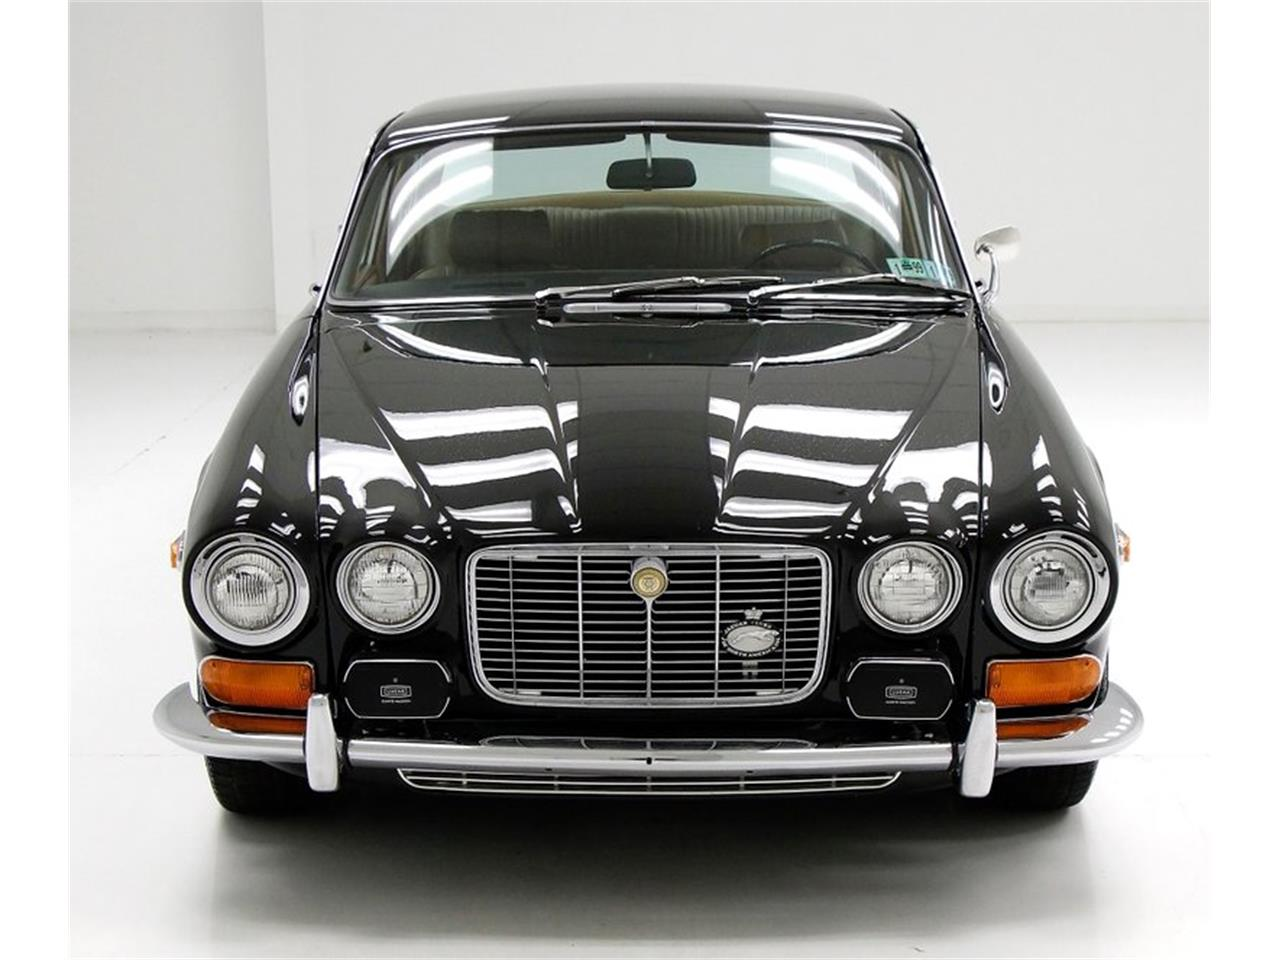 1971 Jaguar XJ6 for sale in Morgantown, PA ...